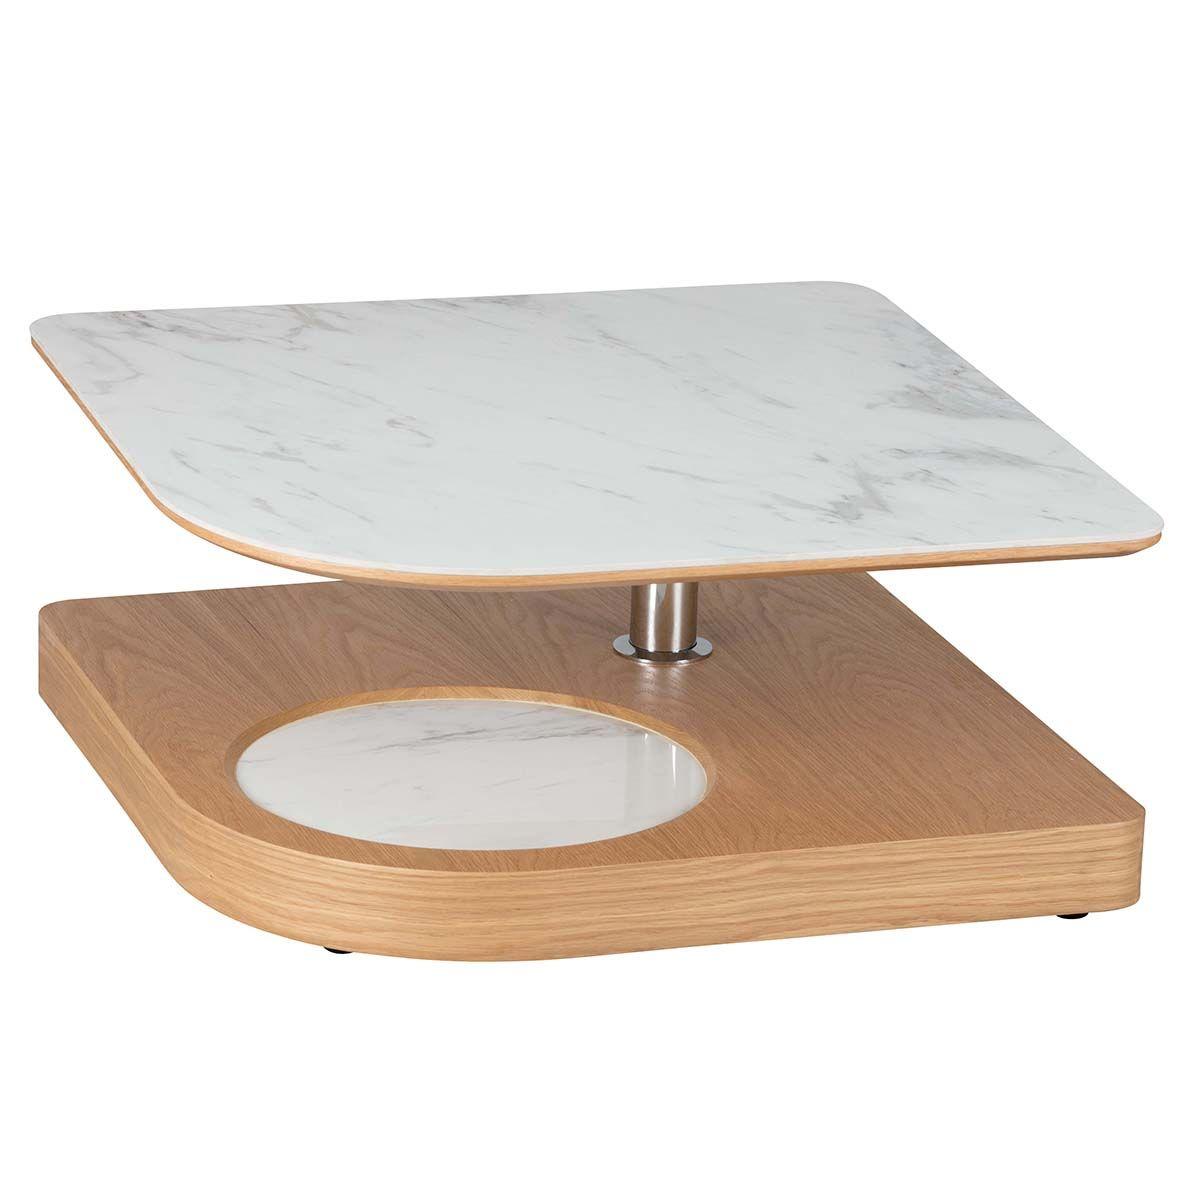 Altobuy - KHAZ - Table Basse avec Plateau Excentré Effet Ma